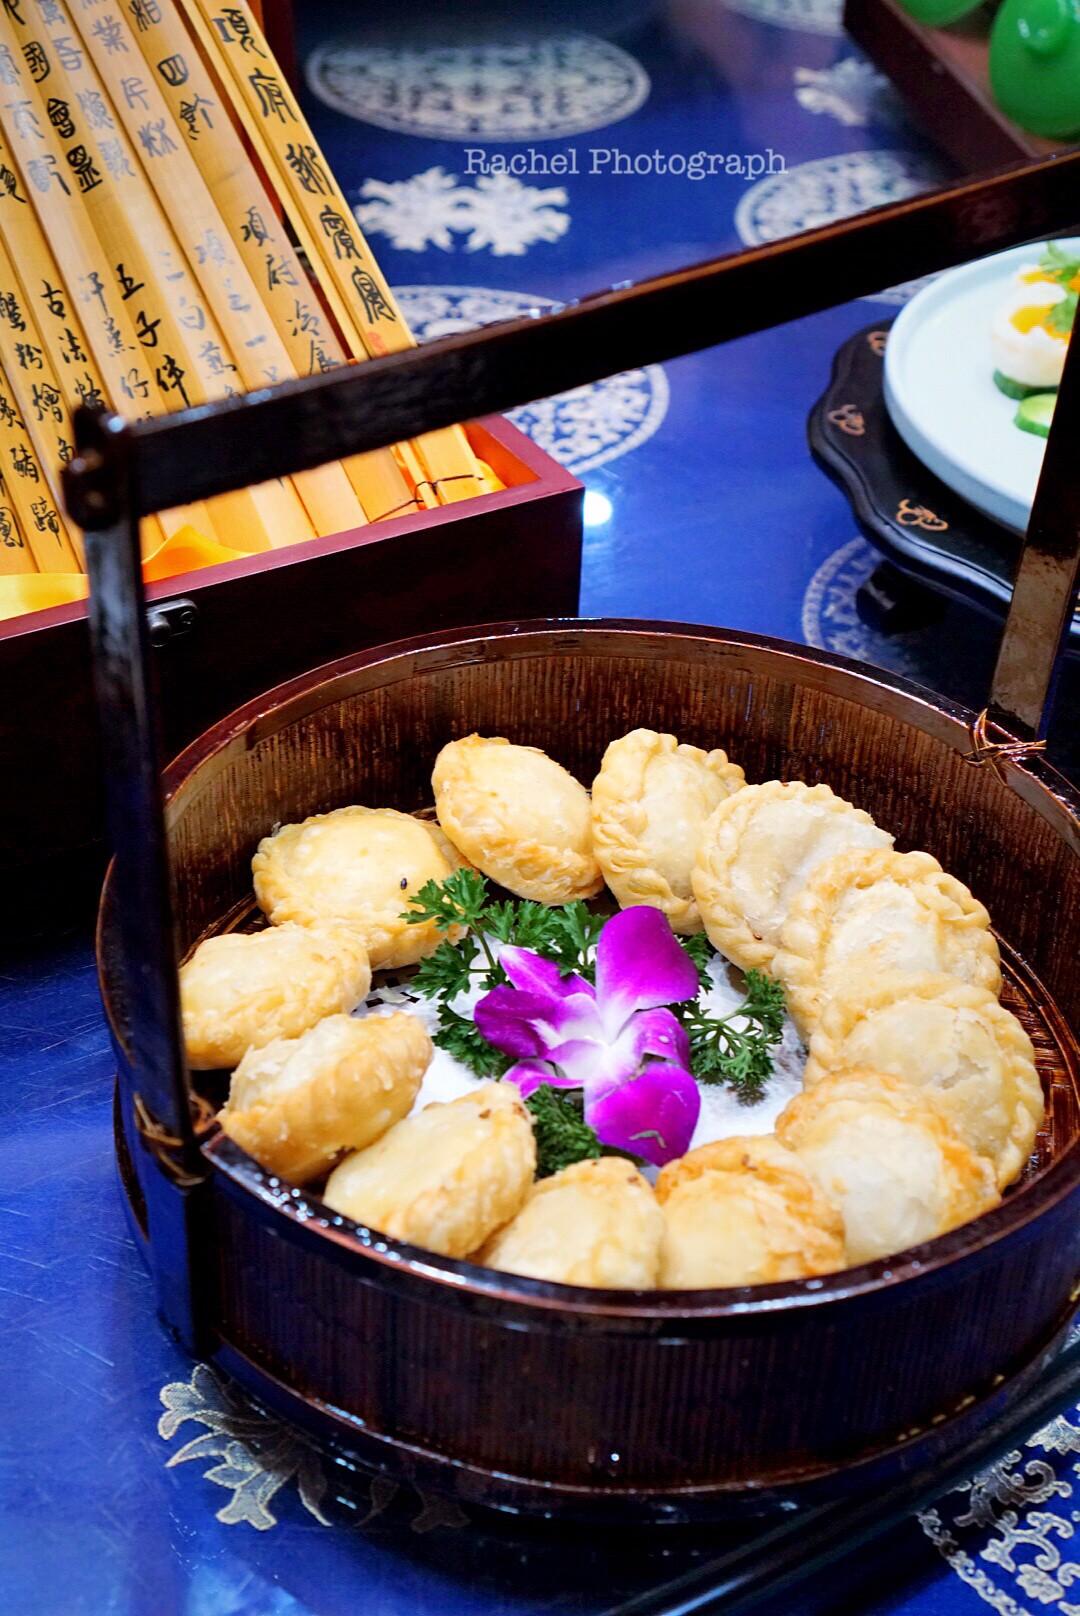 考边��y�#�.b9c�_泗阳县洋河镇有一种饼,名叫车轮饼,这种饼小小的,圆圆的,边上捏满